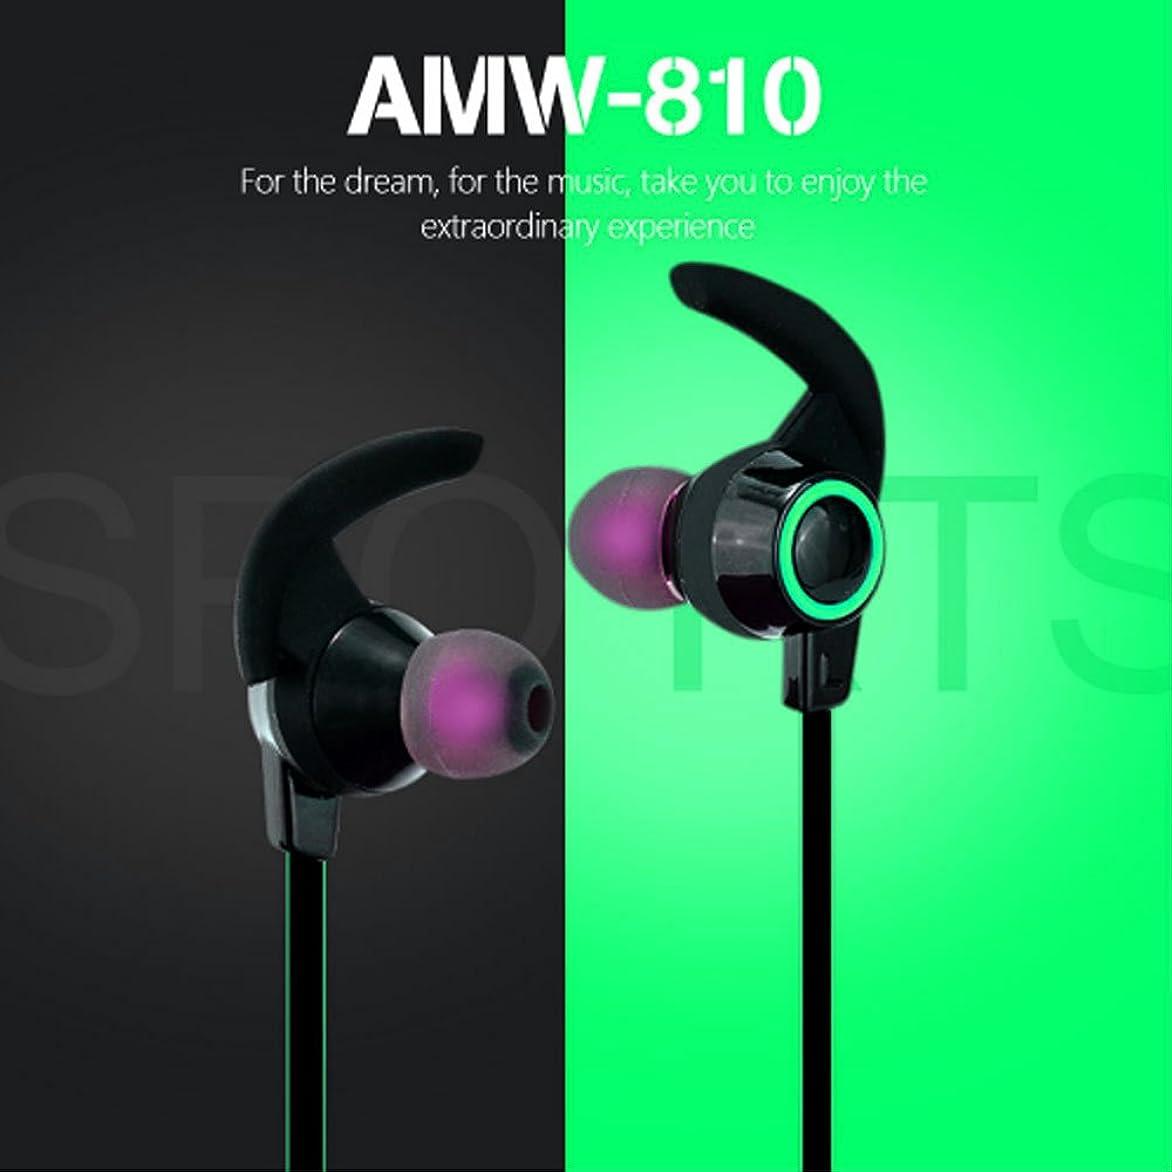 うまくやる()本当のことを言うと隣人AMW-810 スポーツ ワイヤレス 高音質ステレオ Bluetooth 4.1 省電力 スポーツ仕様防水 ハンズフリー通話 ヘッドホン iPhone&Android スマートフォン対応カナルイヤホン (GREEN(緑))